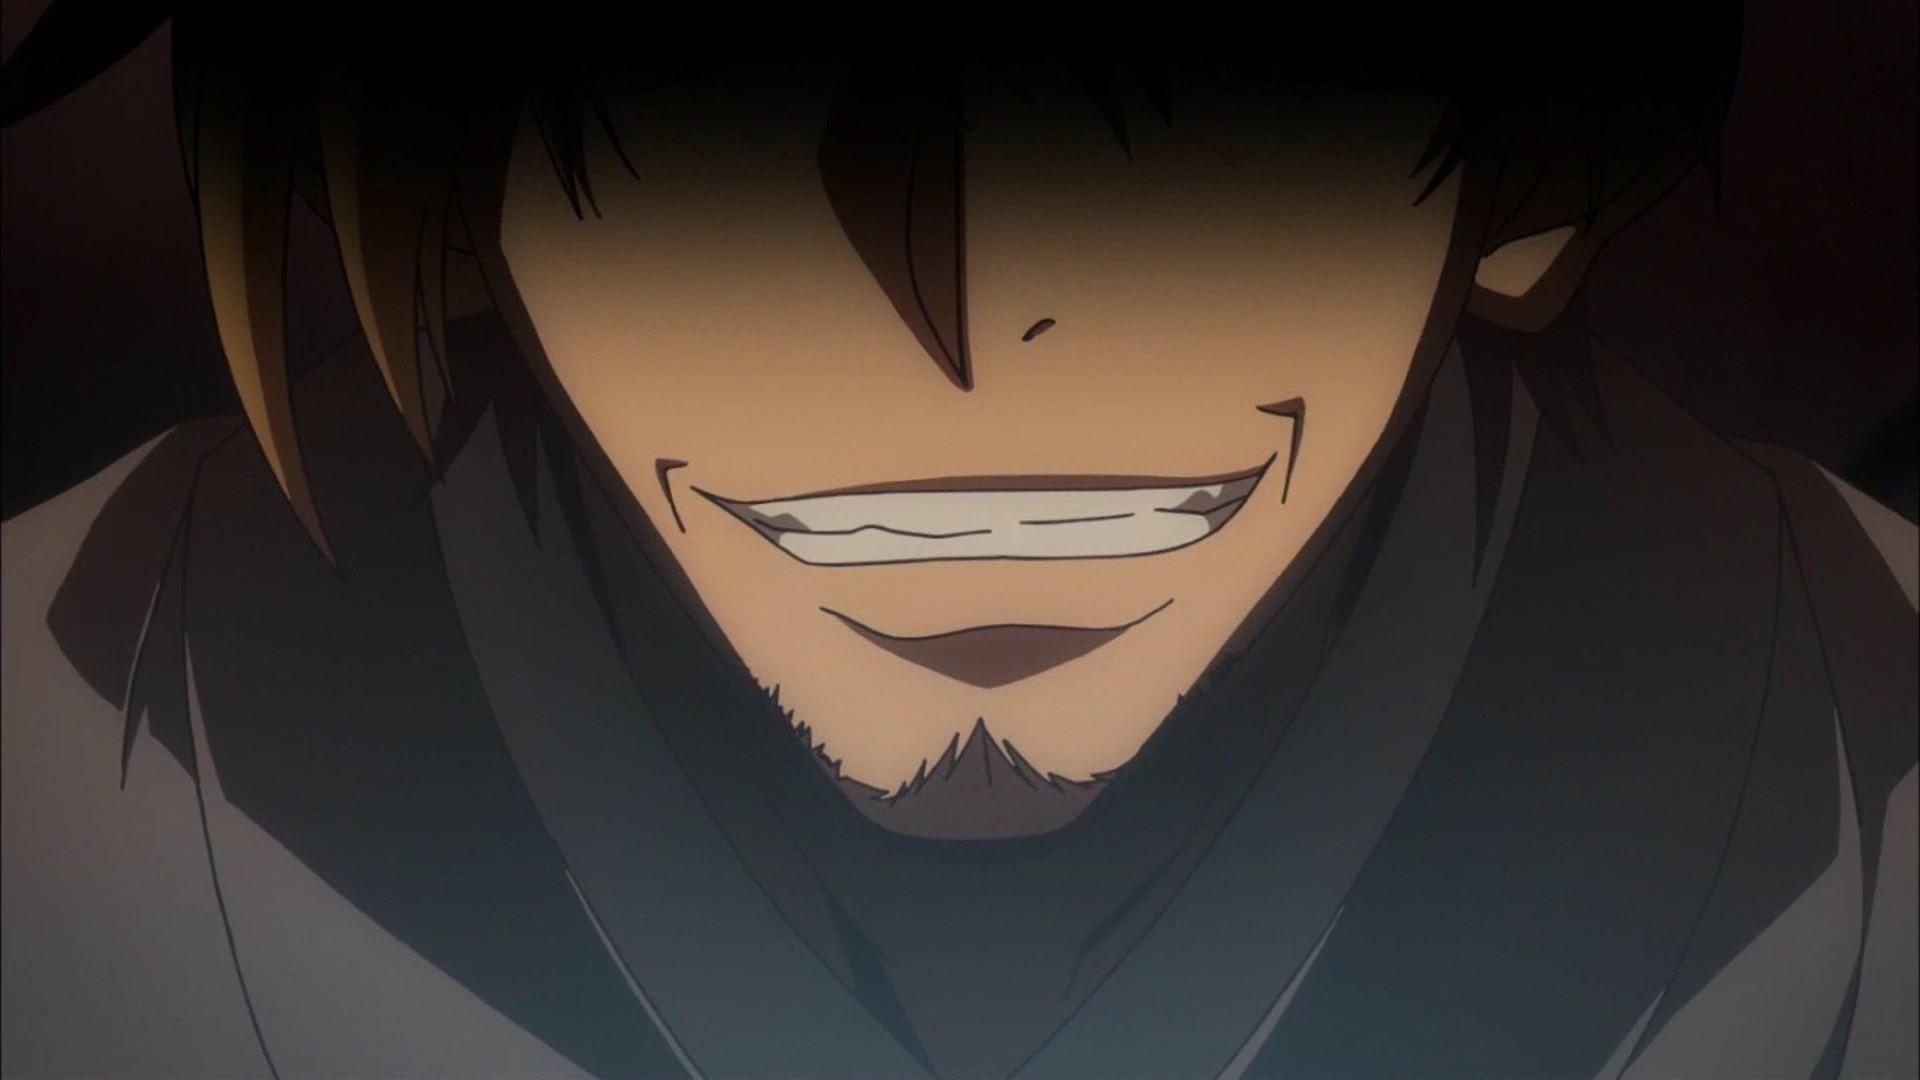 Res: 1920x1080, Azazel evil smile.jpeg